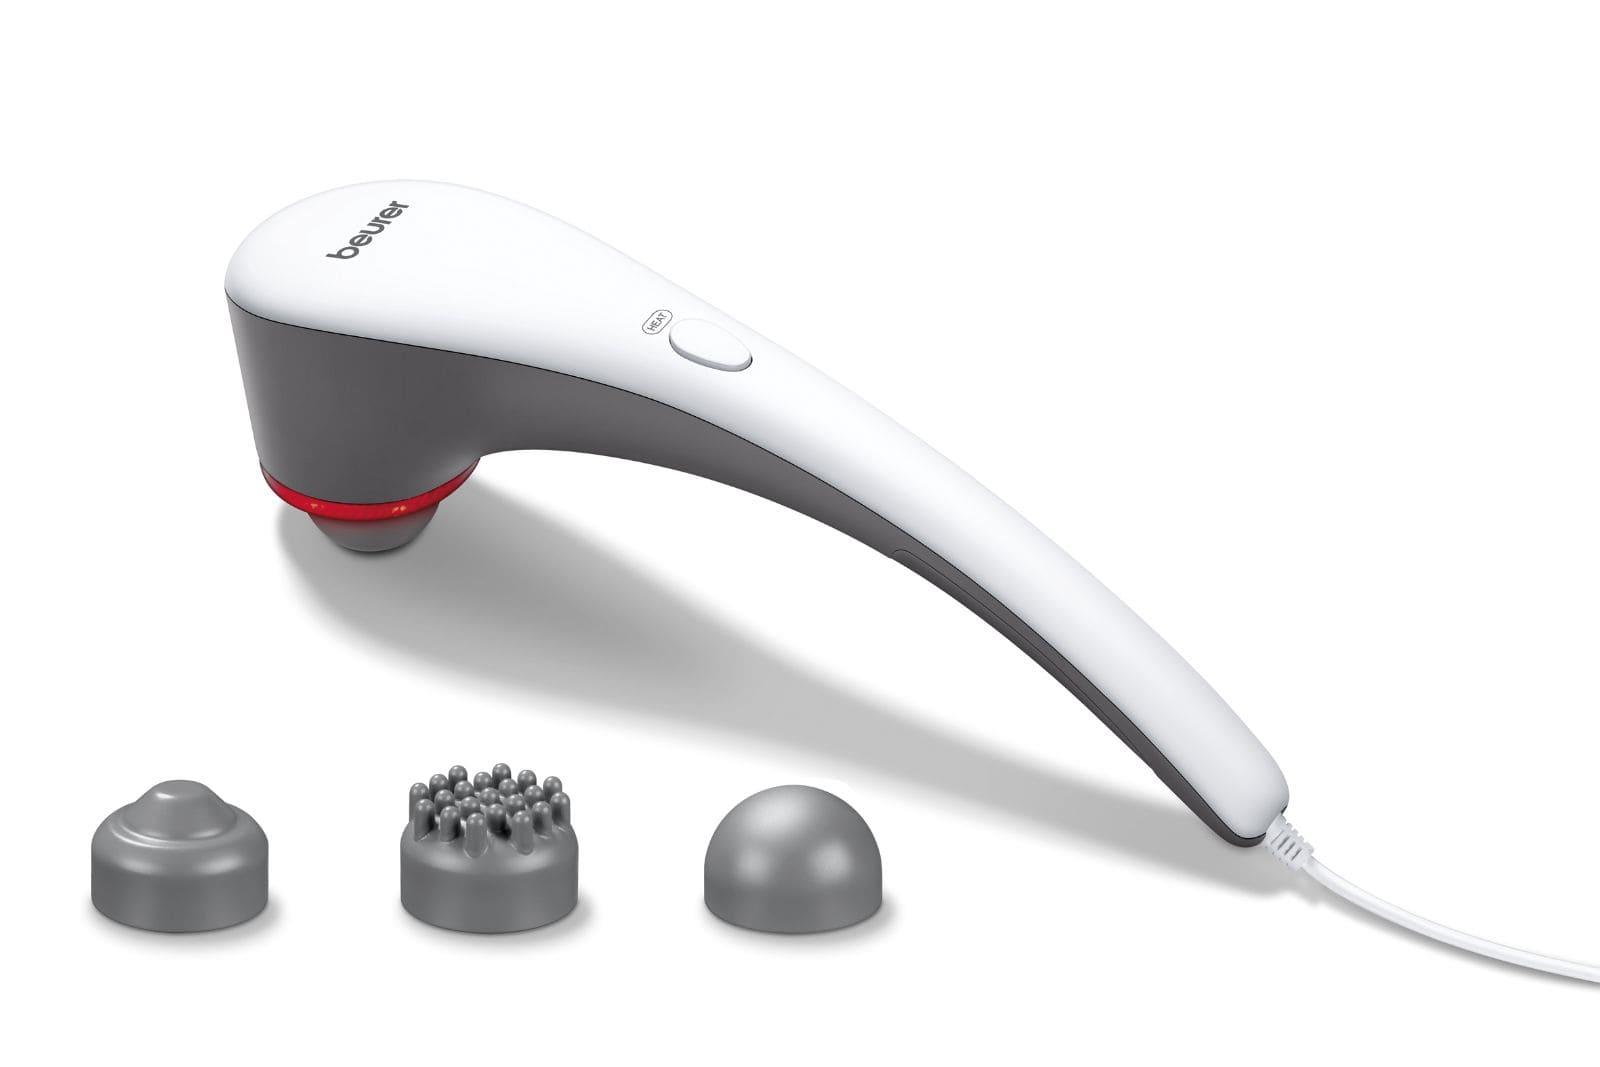 ручной электрический вибрационный массажер для тела beurer mg 55 с насадками